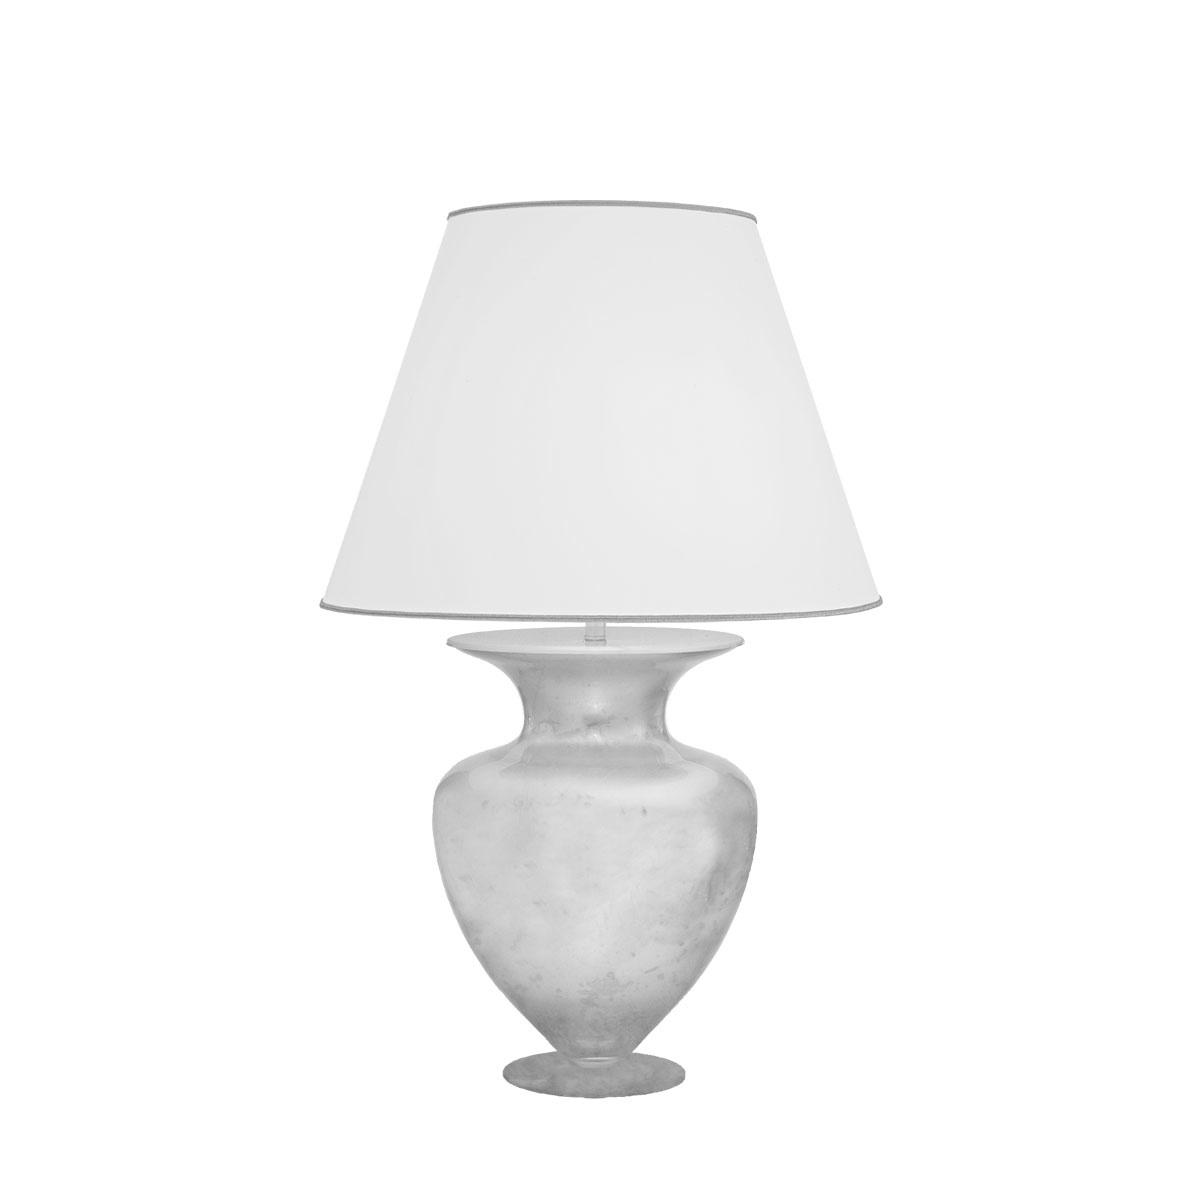 Kolarz Leseleuchte Anfora TL, Chrom/silber/weiß, Glas/Metall/Stoff, 1424.71M.Ag   Lampen > Tischleuchten > Leseleuchten